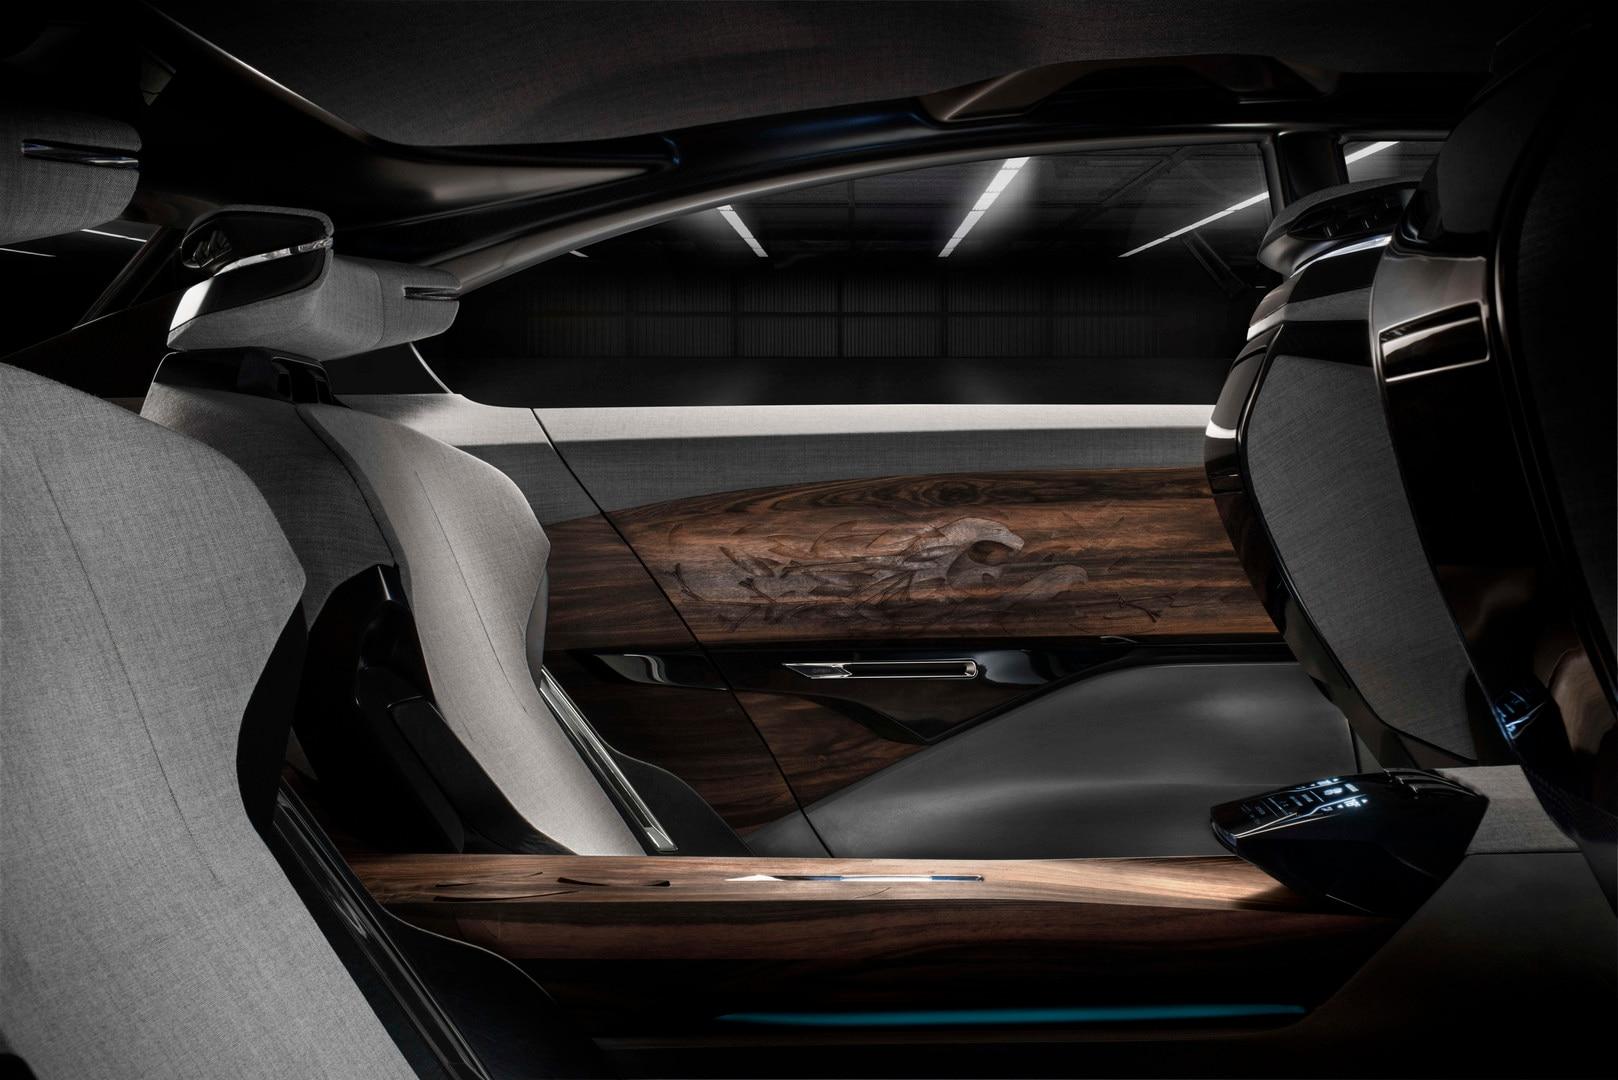 Diseño interior Exalt - Múltiples materiales para el confortable interior del Exalt